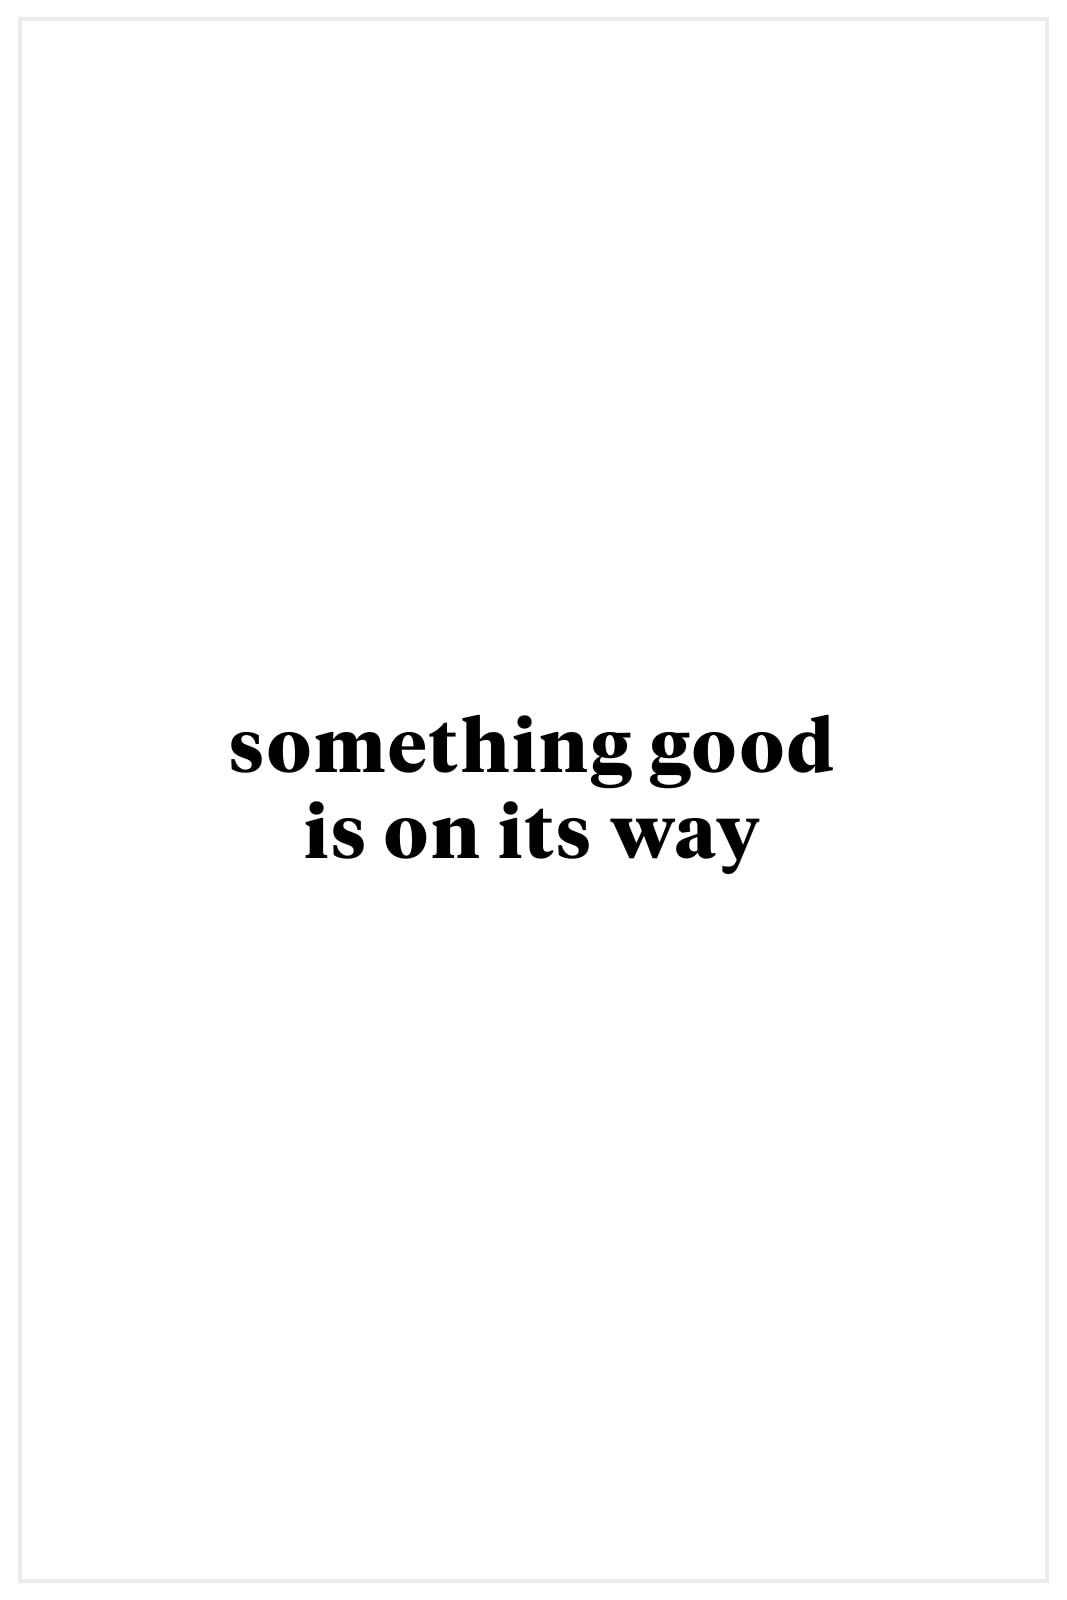 Roan + ryan Dina Seamed Pullover